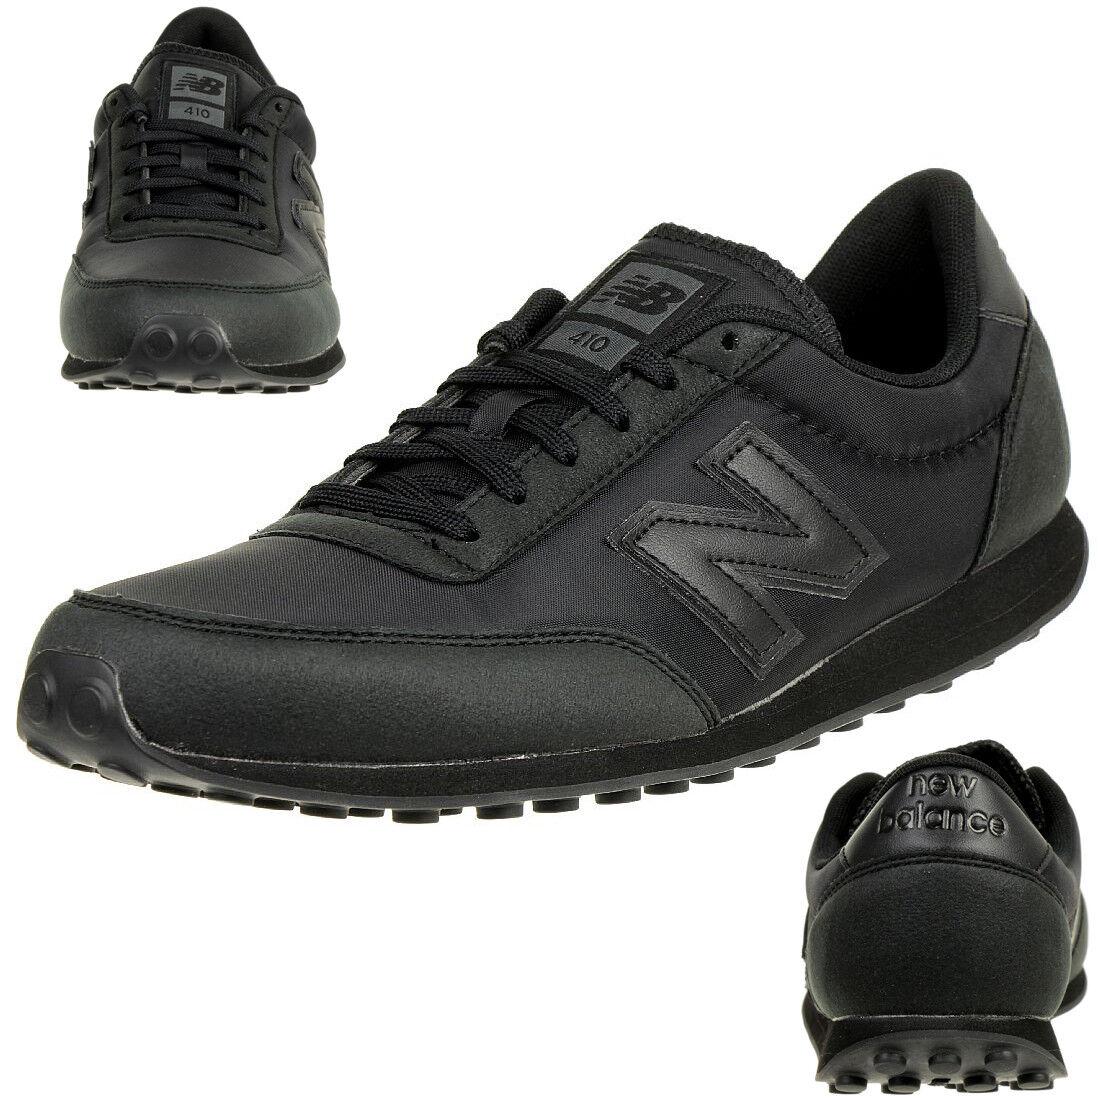 New Unisex Balance U410 BBK Sneaker Unisex New Schuhe TURNSCHUHE schwarz e19f68